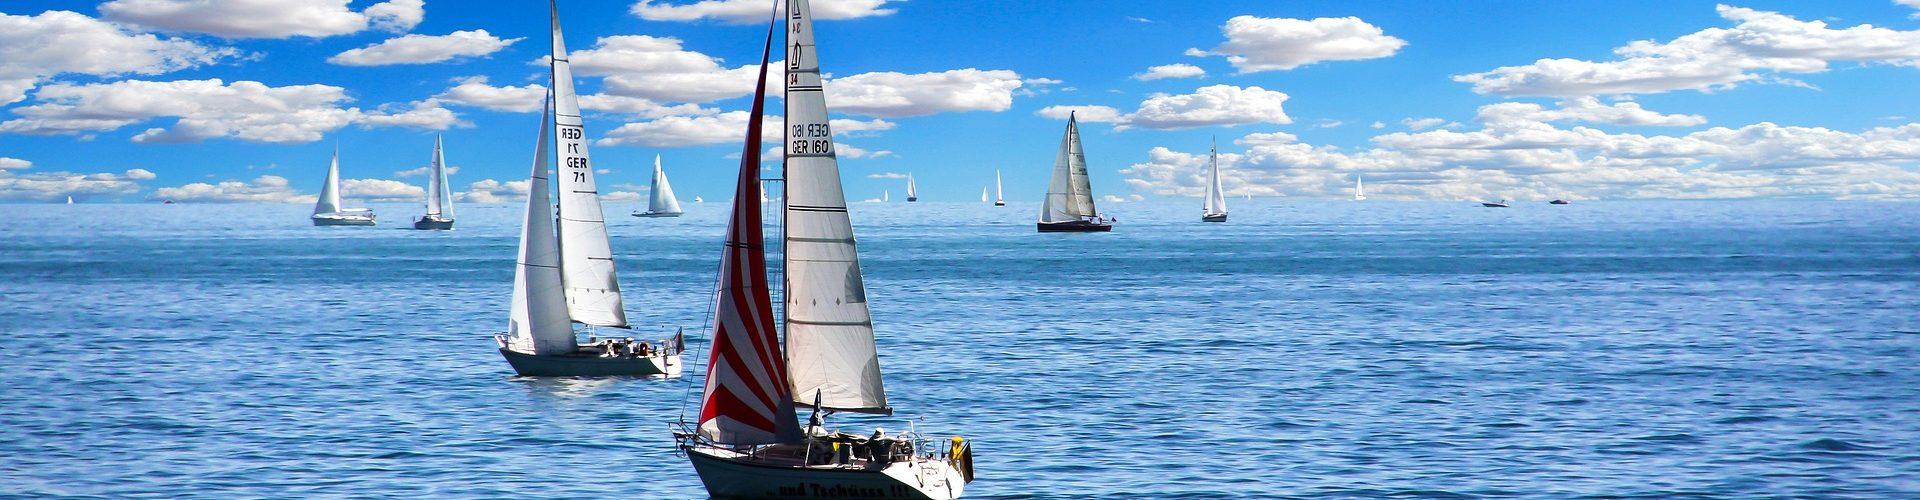 segeln lernen in Bergkamen segelschein machen in Bergkamen 1920x500 - Segeln lernen in Bergkamen